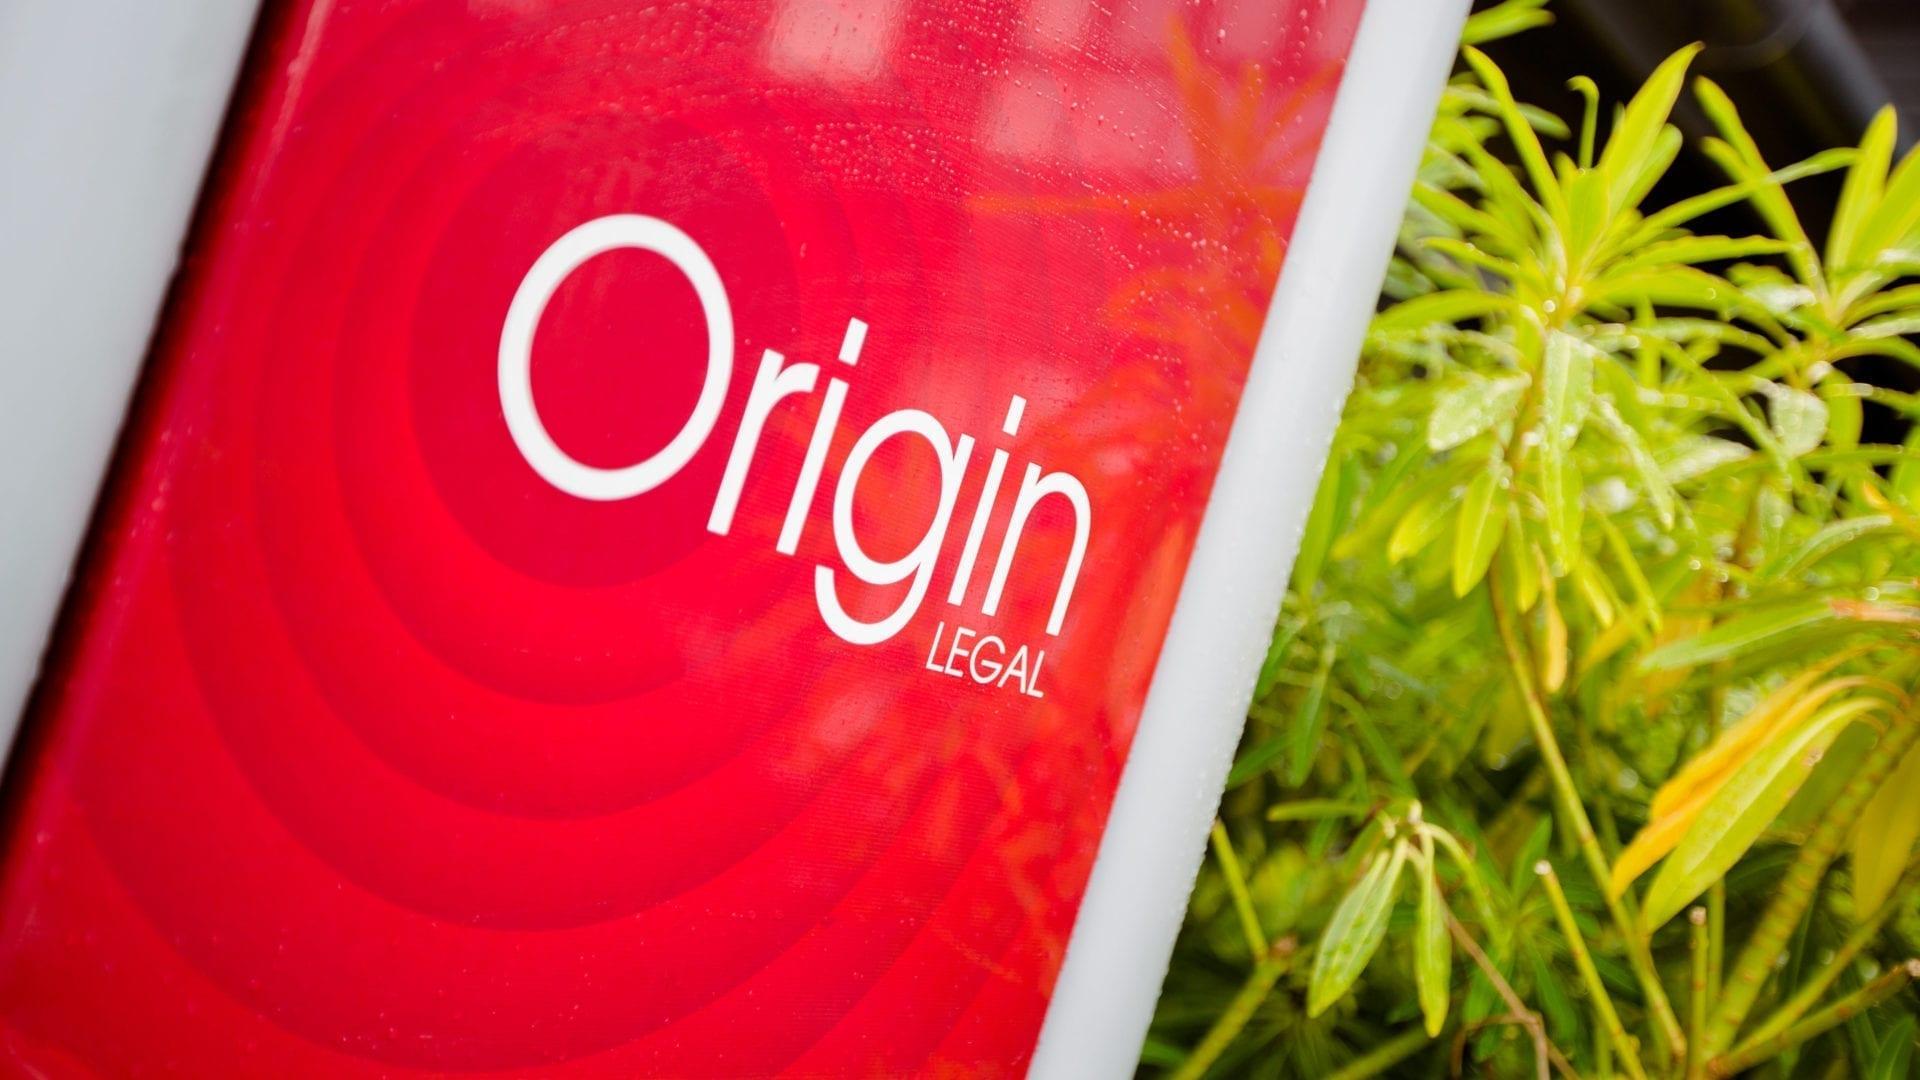 Origin Legal